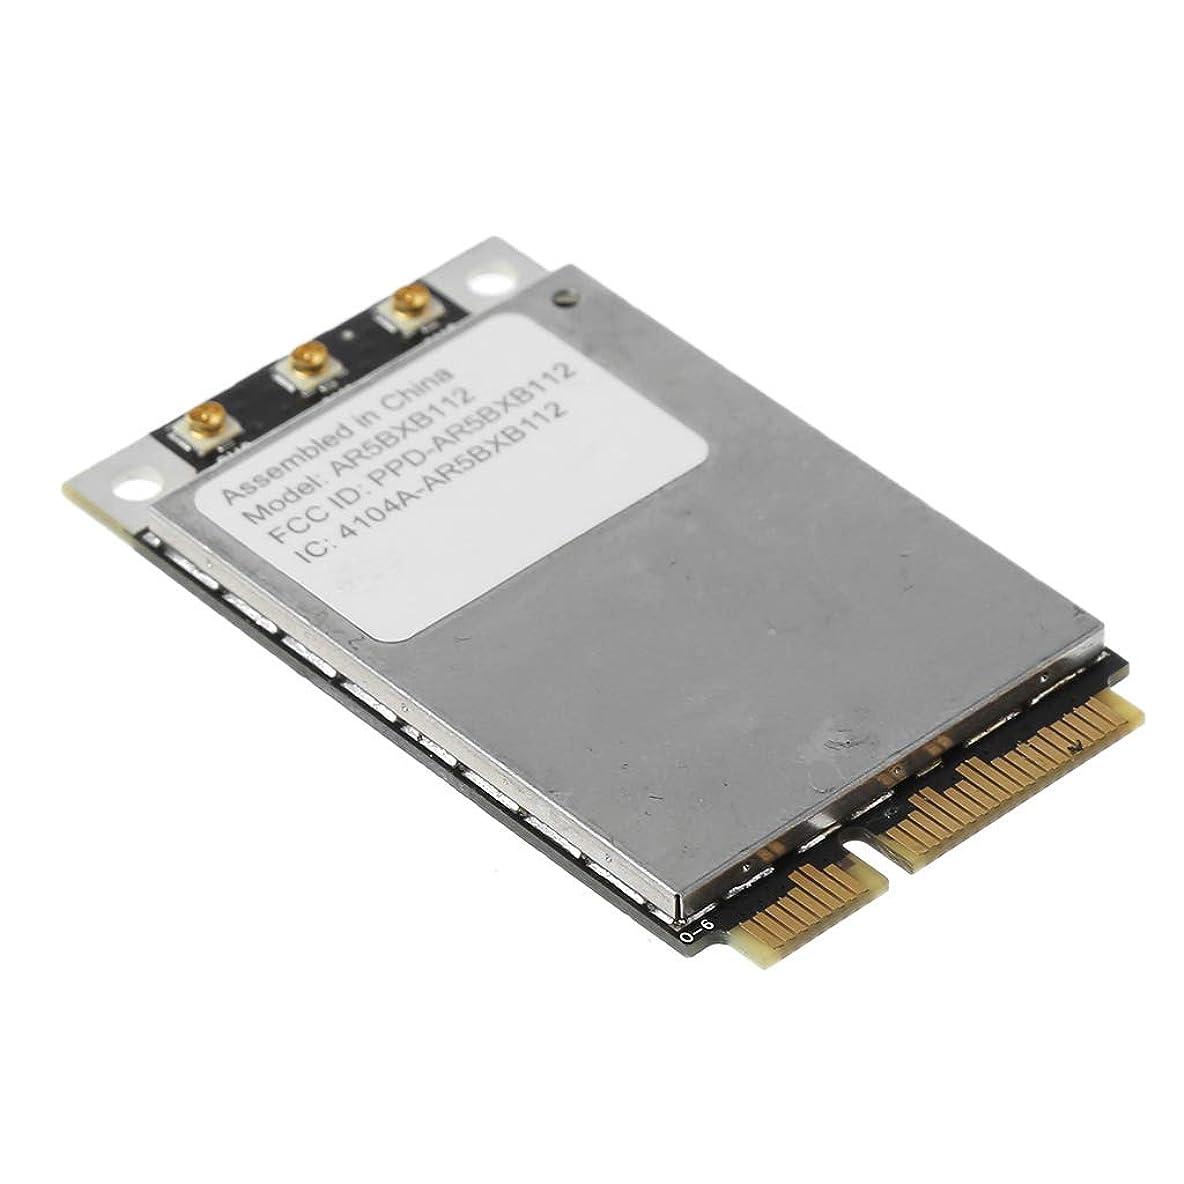 後方ニッケル創造Someting2 AR5BXB112 AR9380 450Mbps Dual Band Mini PCI-E Wireless Wifi Card Adapter for 802.11a / B/G/N Wlan S/N C86214300RHCCV4ABアクセサリー